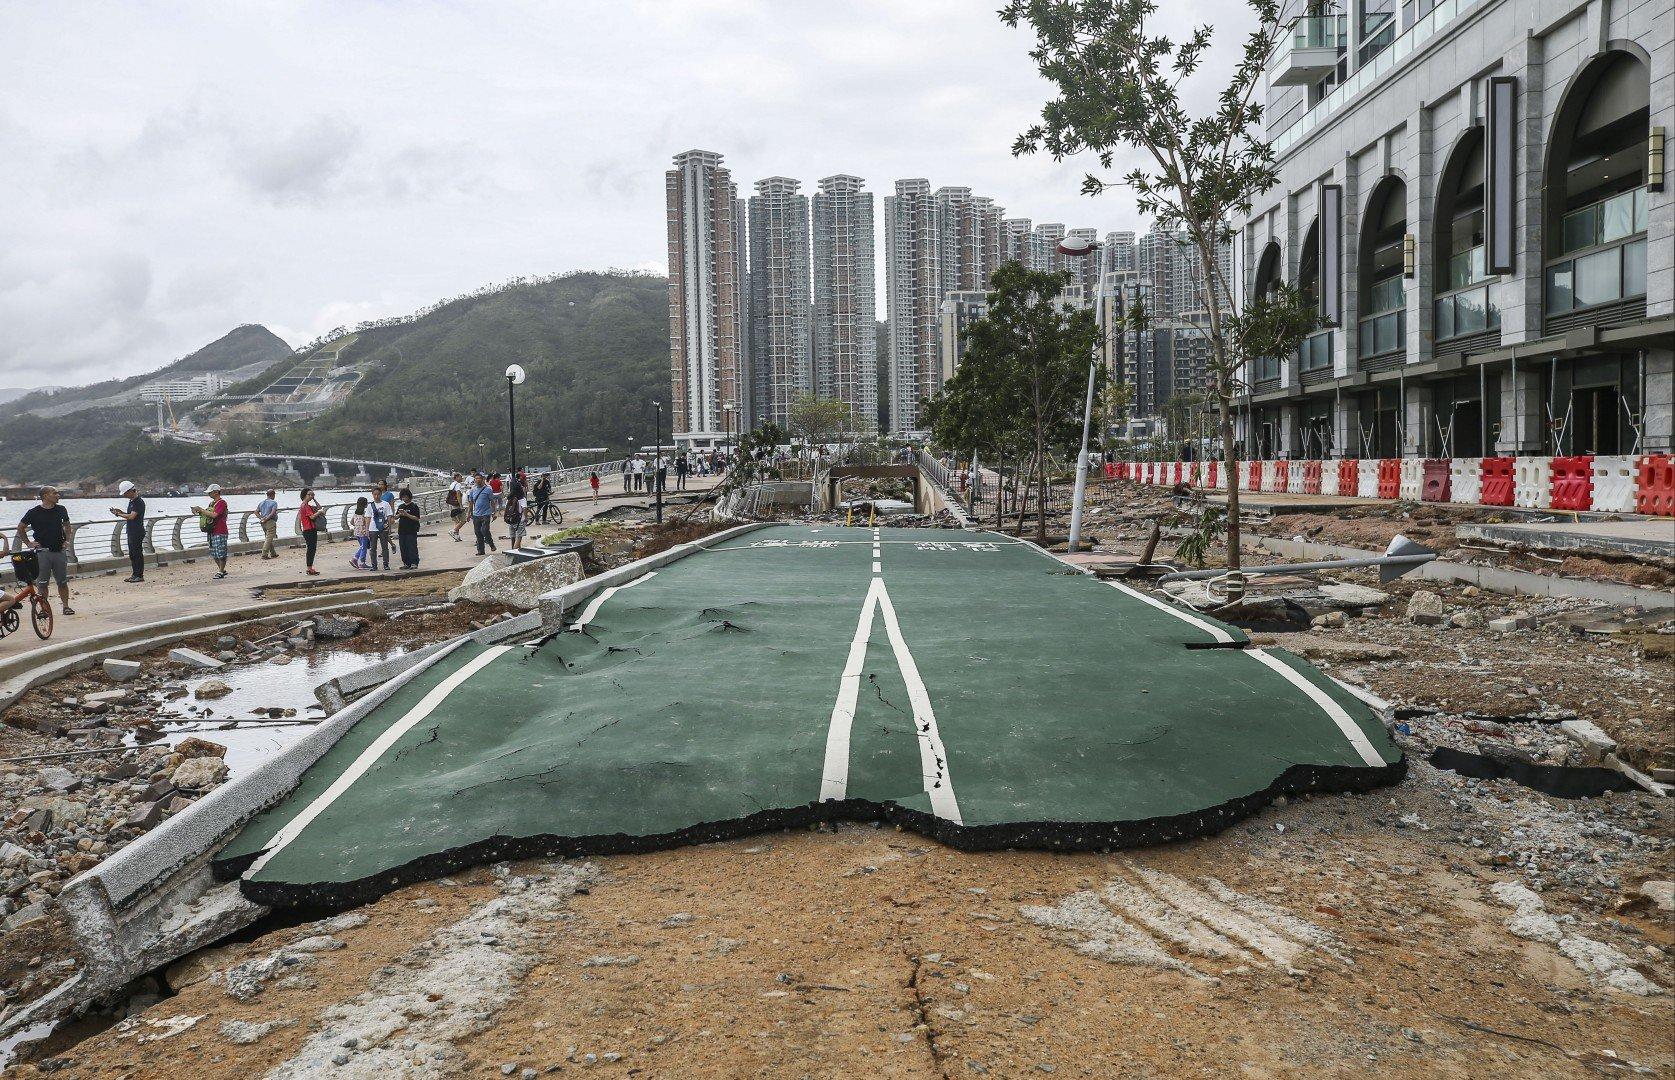 A section of devastated Tseung Kwan O Waterfront Park, adjacent to Junk Bay, located in Hong Kong's eastern Sai Kung District (Credit: Sam Tsang/South China Morning Post)